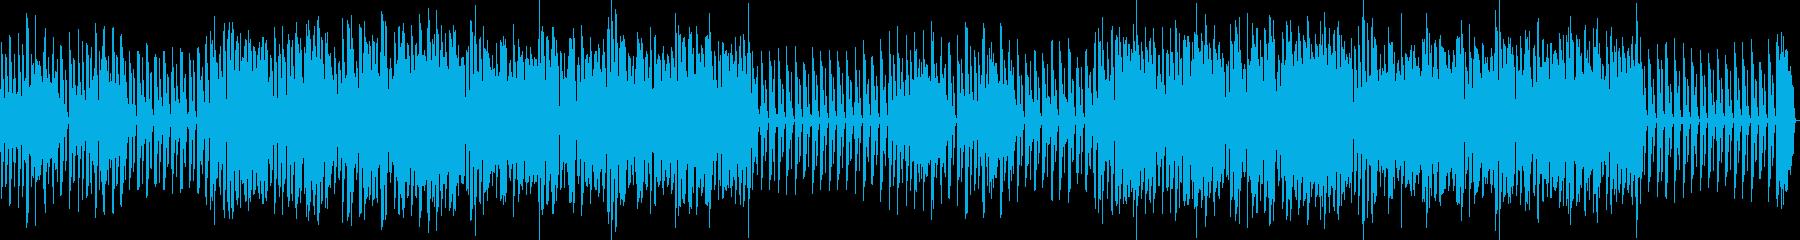 るんるんとする曲の再生済みの波形